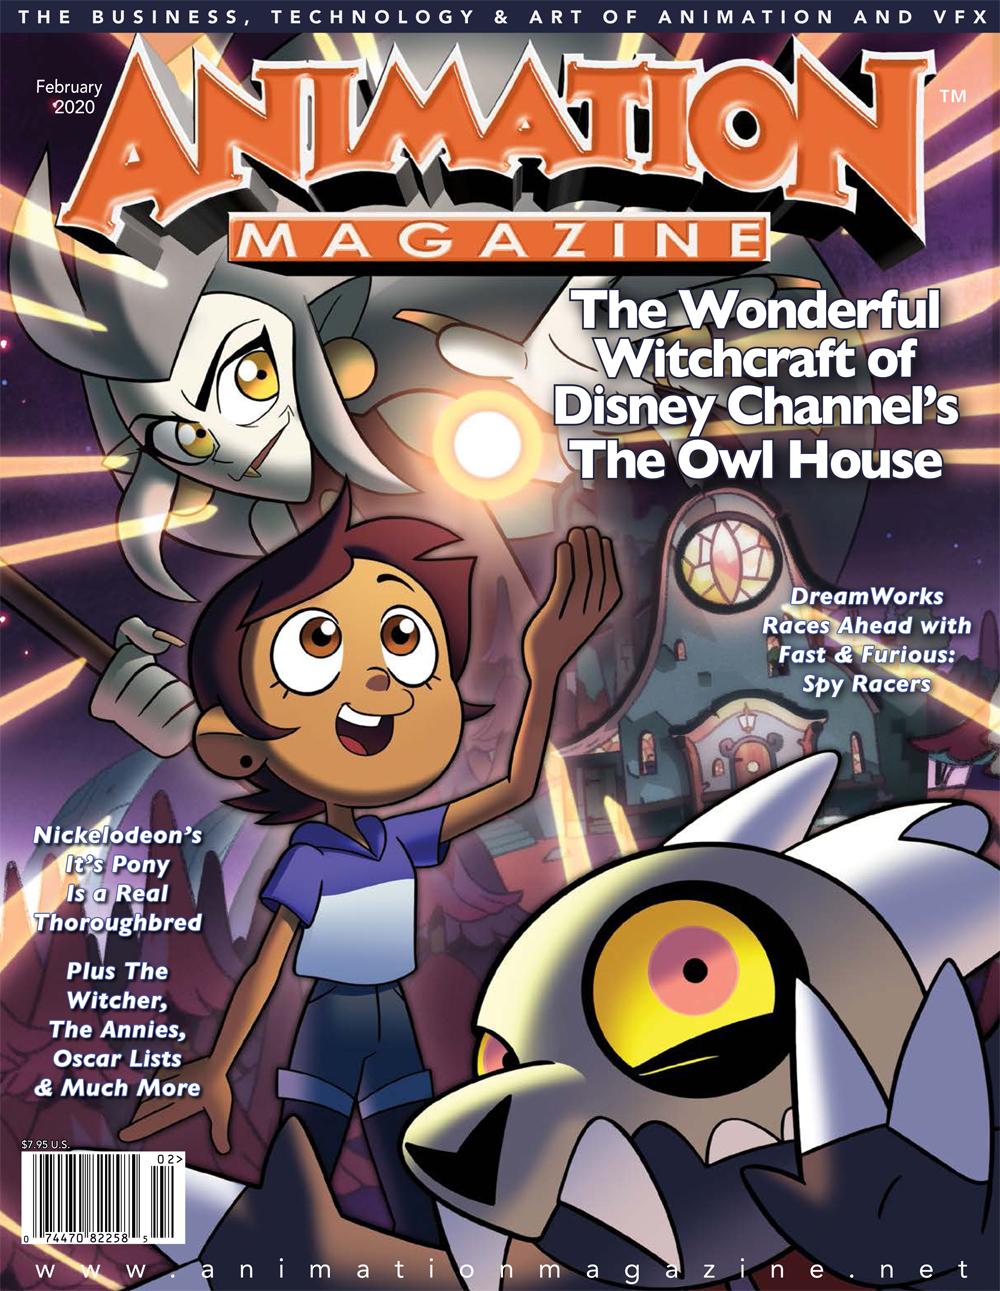 Animation Magazine – #297 February 2020